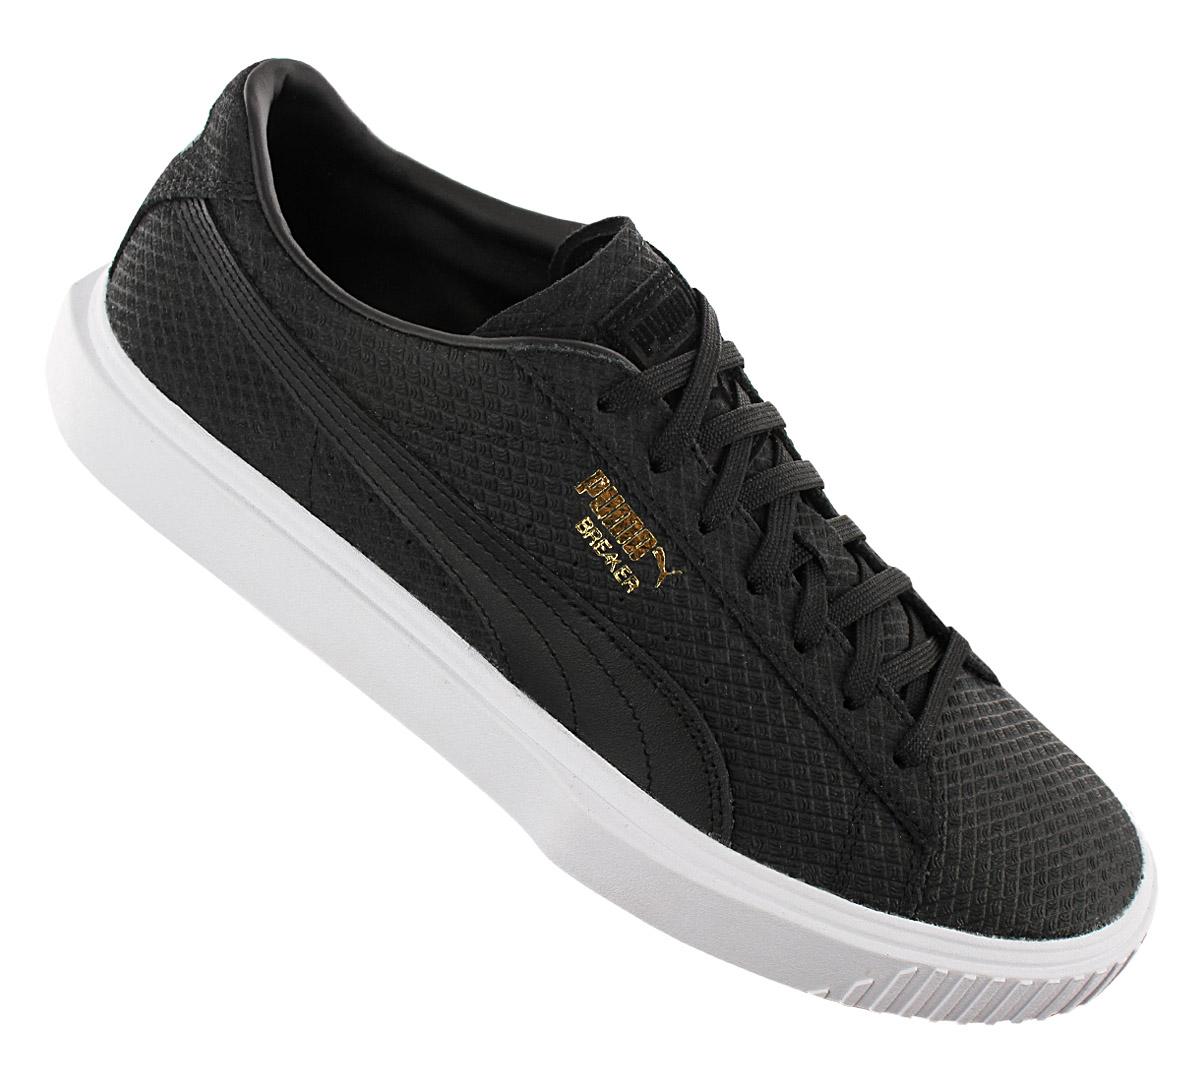 Detalles acerca de Zapatos de Cuero Puma Breaker Gamuza Para hombre Zapatillas Negro 366077 01 Ocio Nuevo mostrar título original